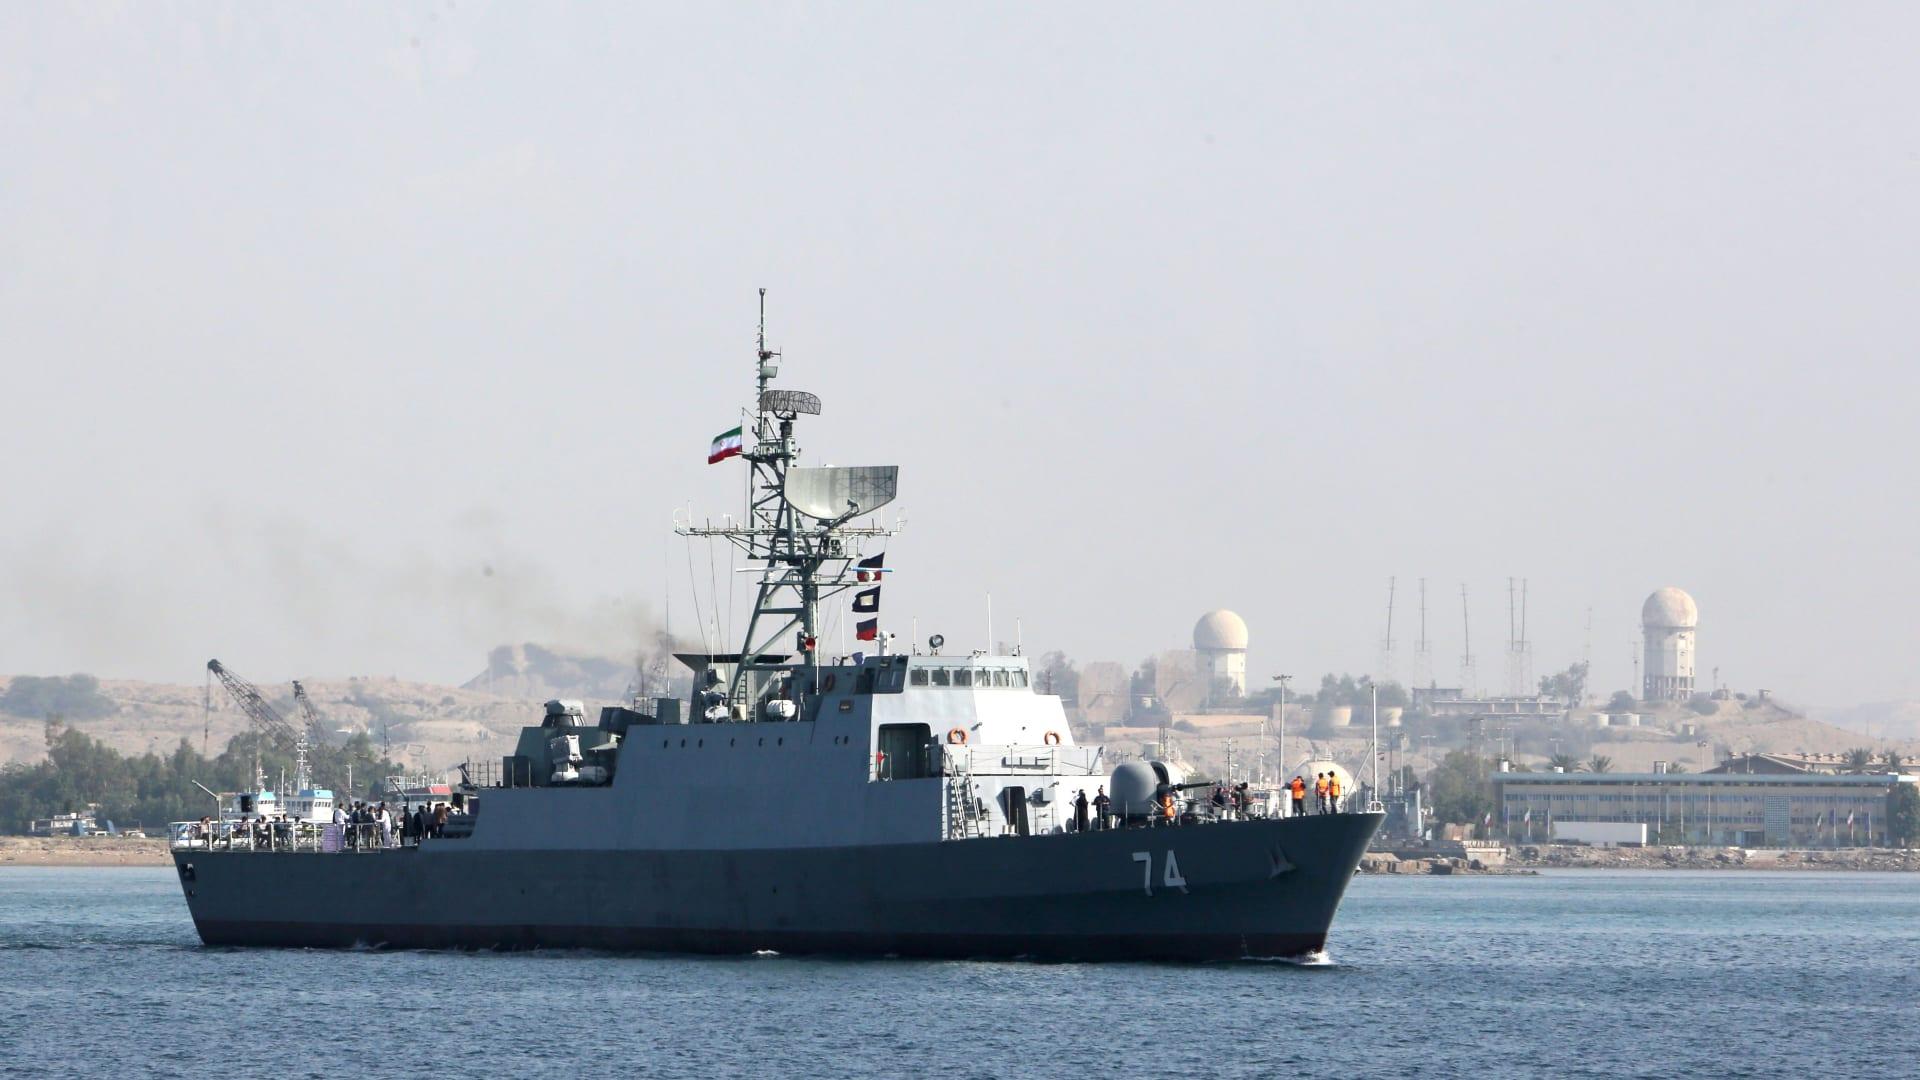 سفينة حربية تابعة للبحرية الإيرانية في مضيق هرمز، في 30 أبريل 2019.